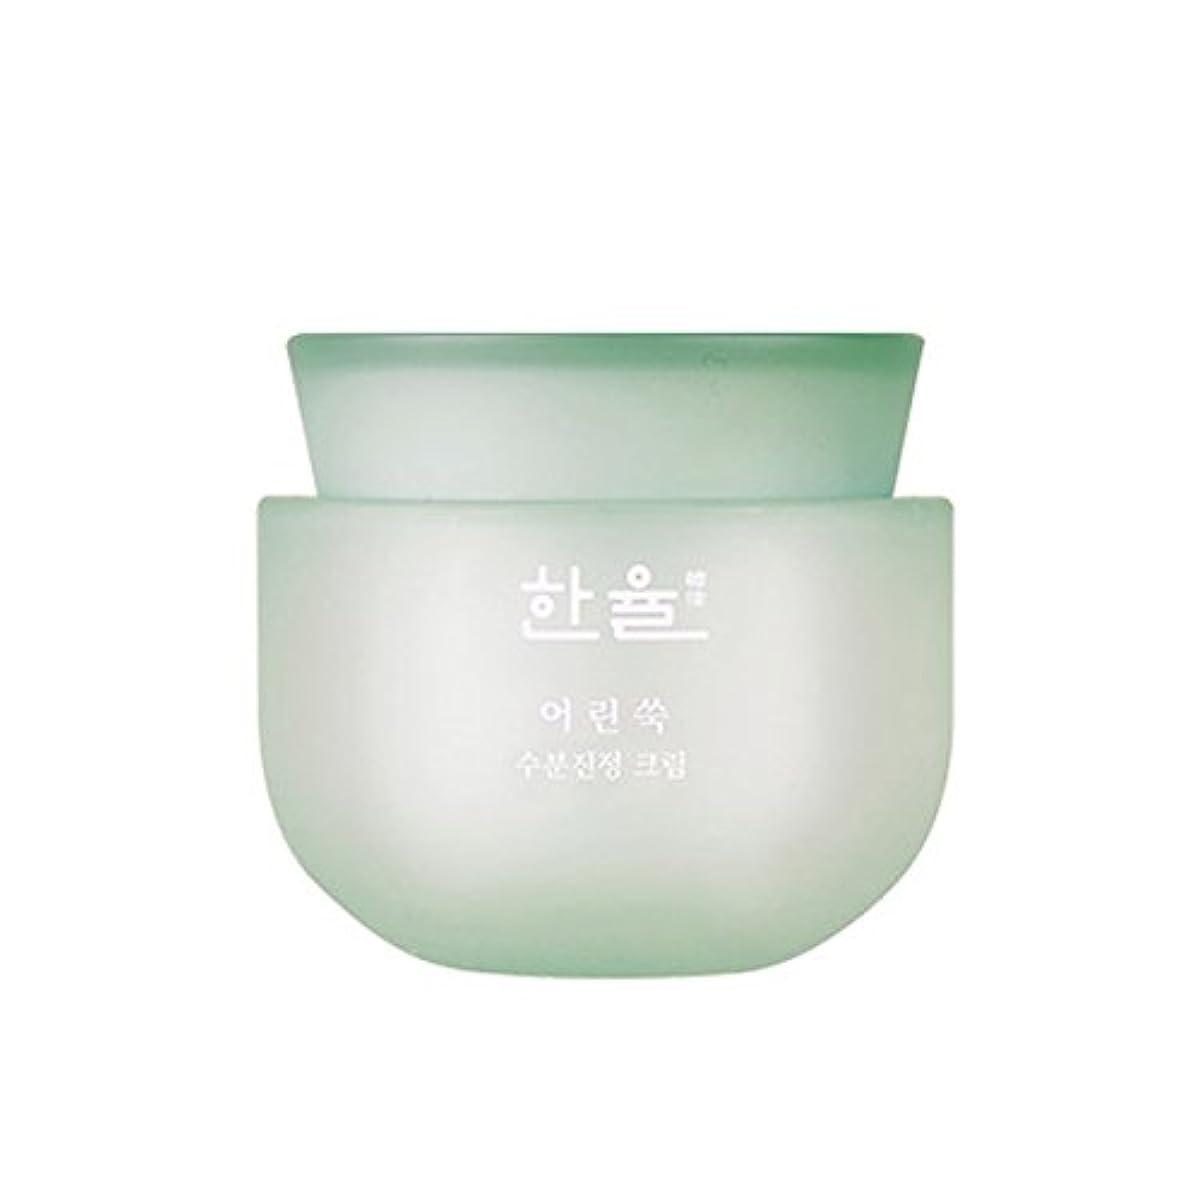 質素な電気前提【HANYUL公式】 ハンユル ヨモギ水分鎮静クリーム 50ml / Hanyul Pure Artemisia Watery Calming Cream 50ml